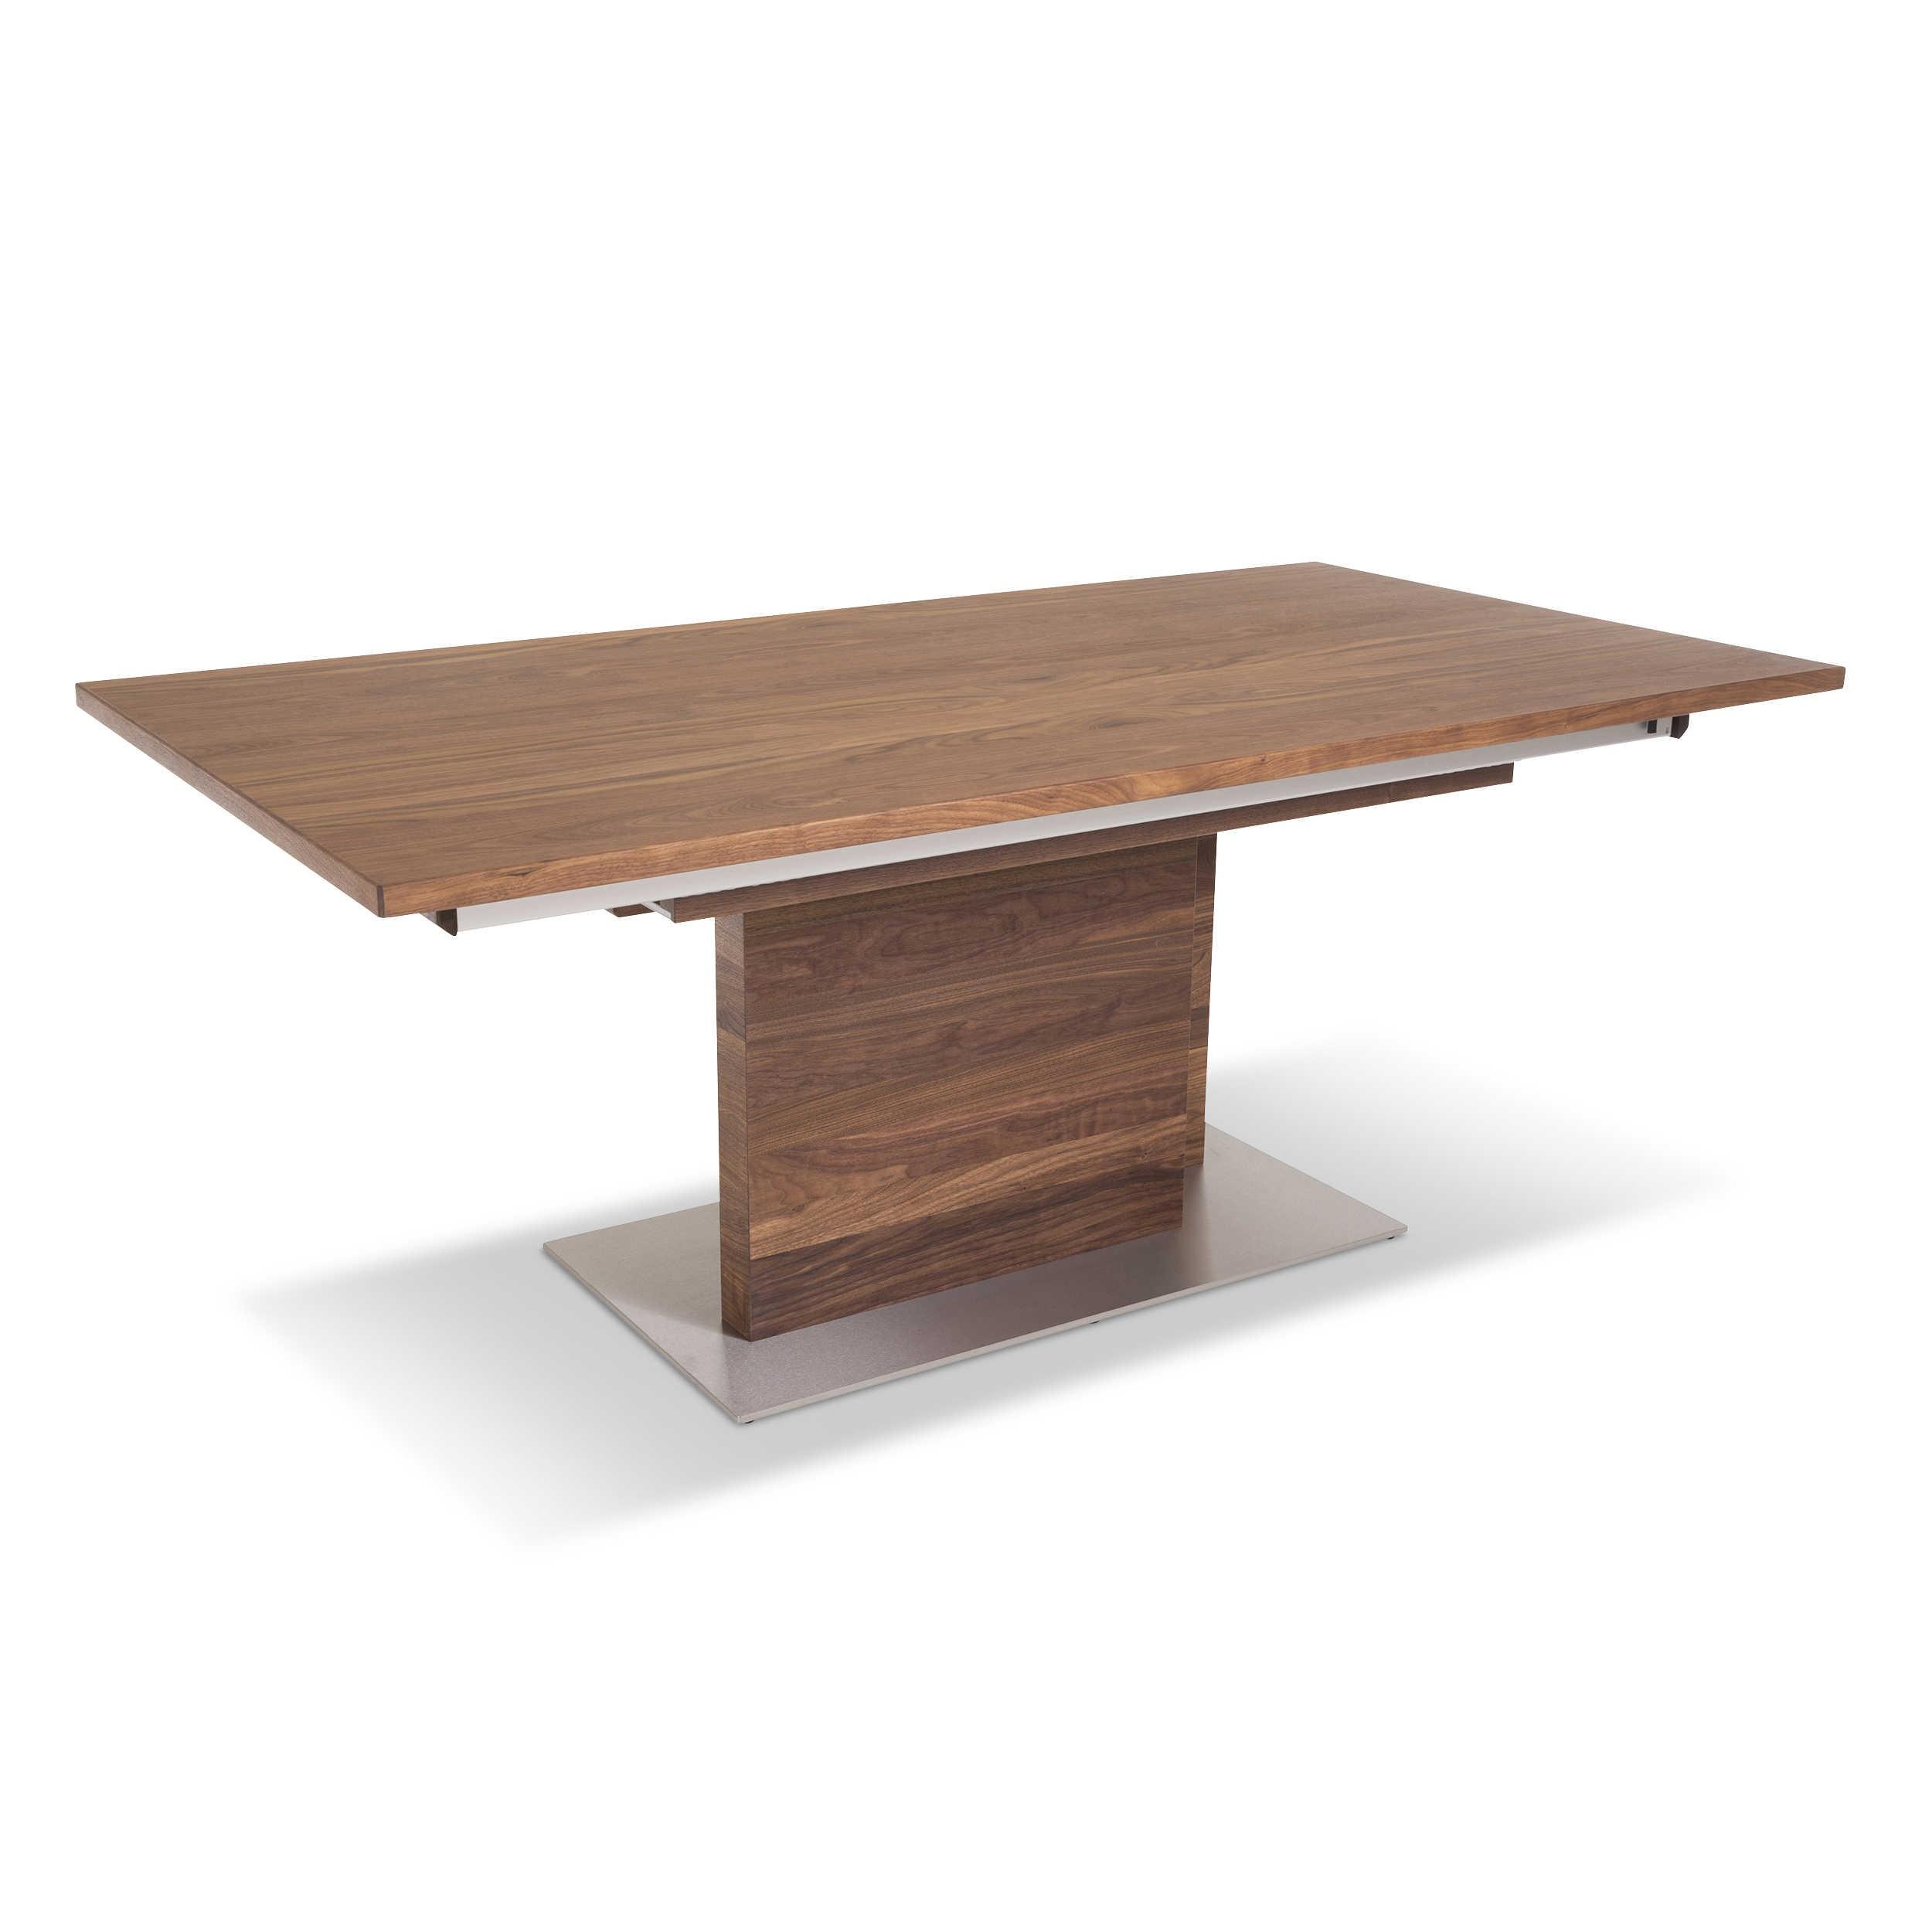 venjakob esstisch mit auszug et2254 190 290 x 100 cm nuss holz online kaufen bei woonio. Black Bedroom Furniture Sets. Home Design Ideas